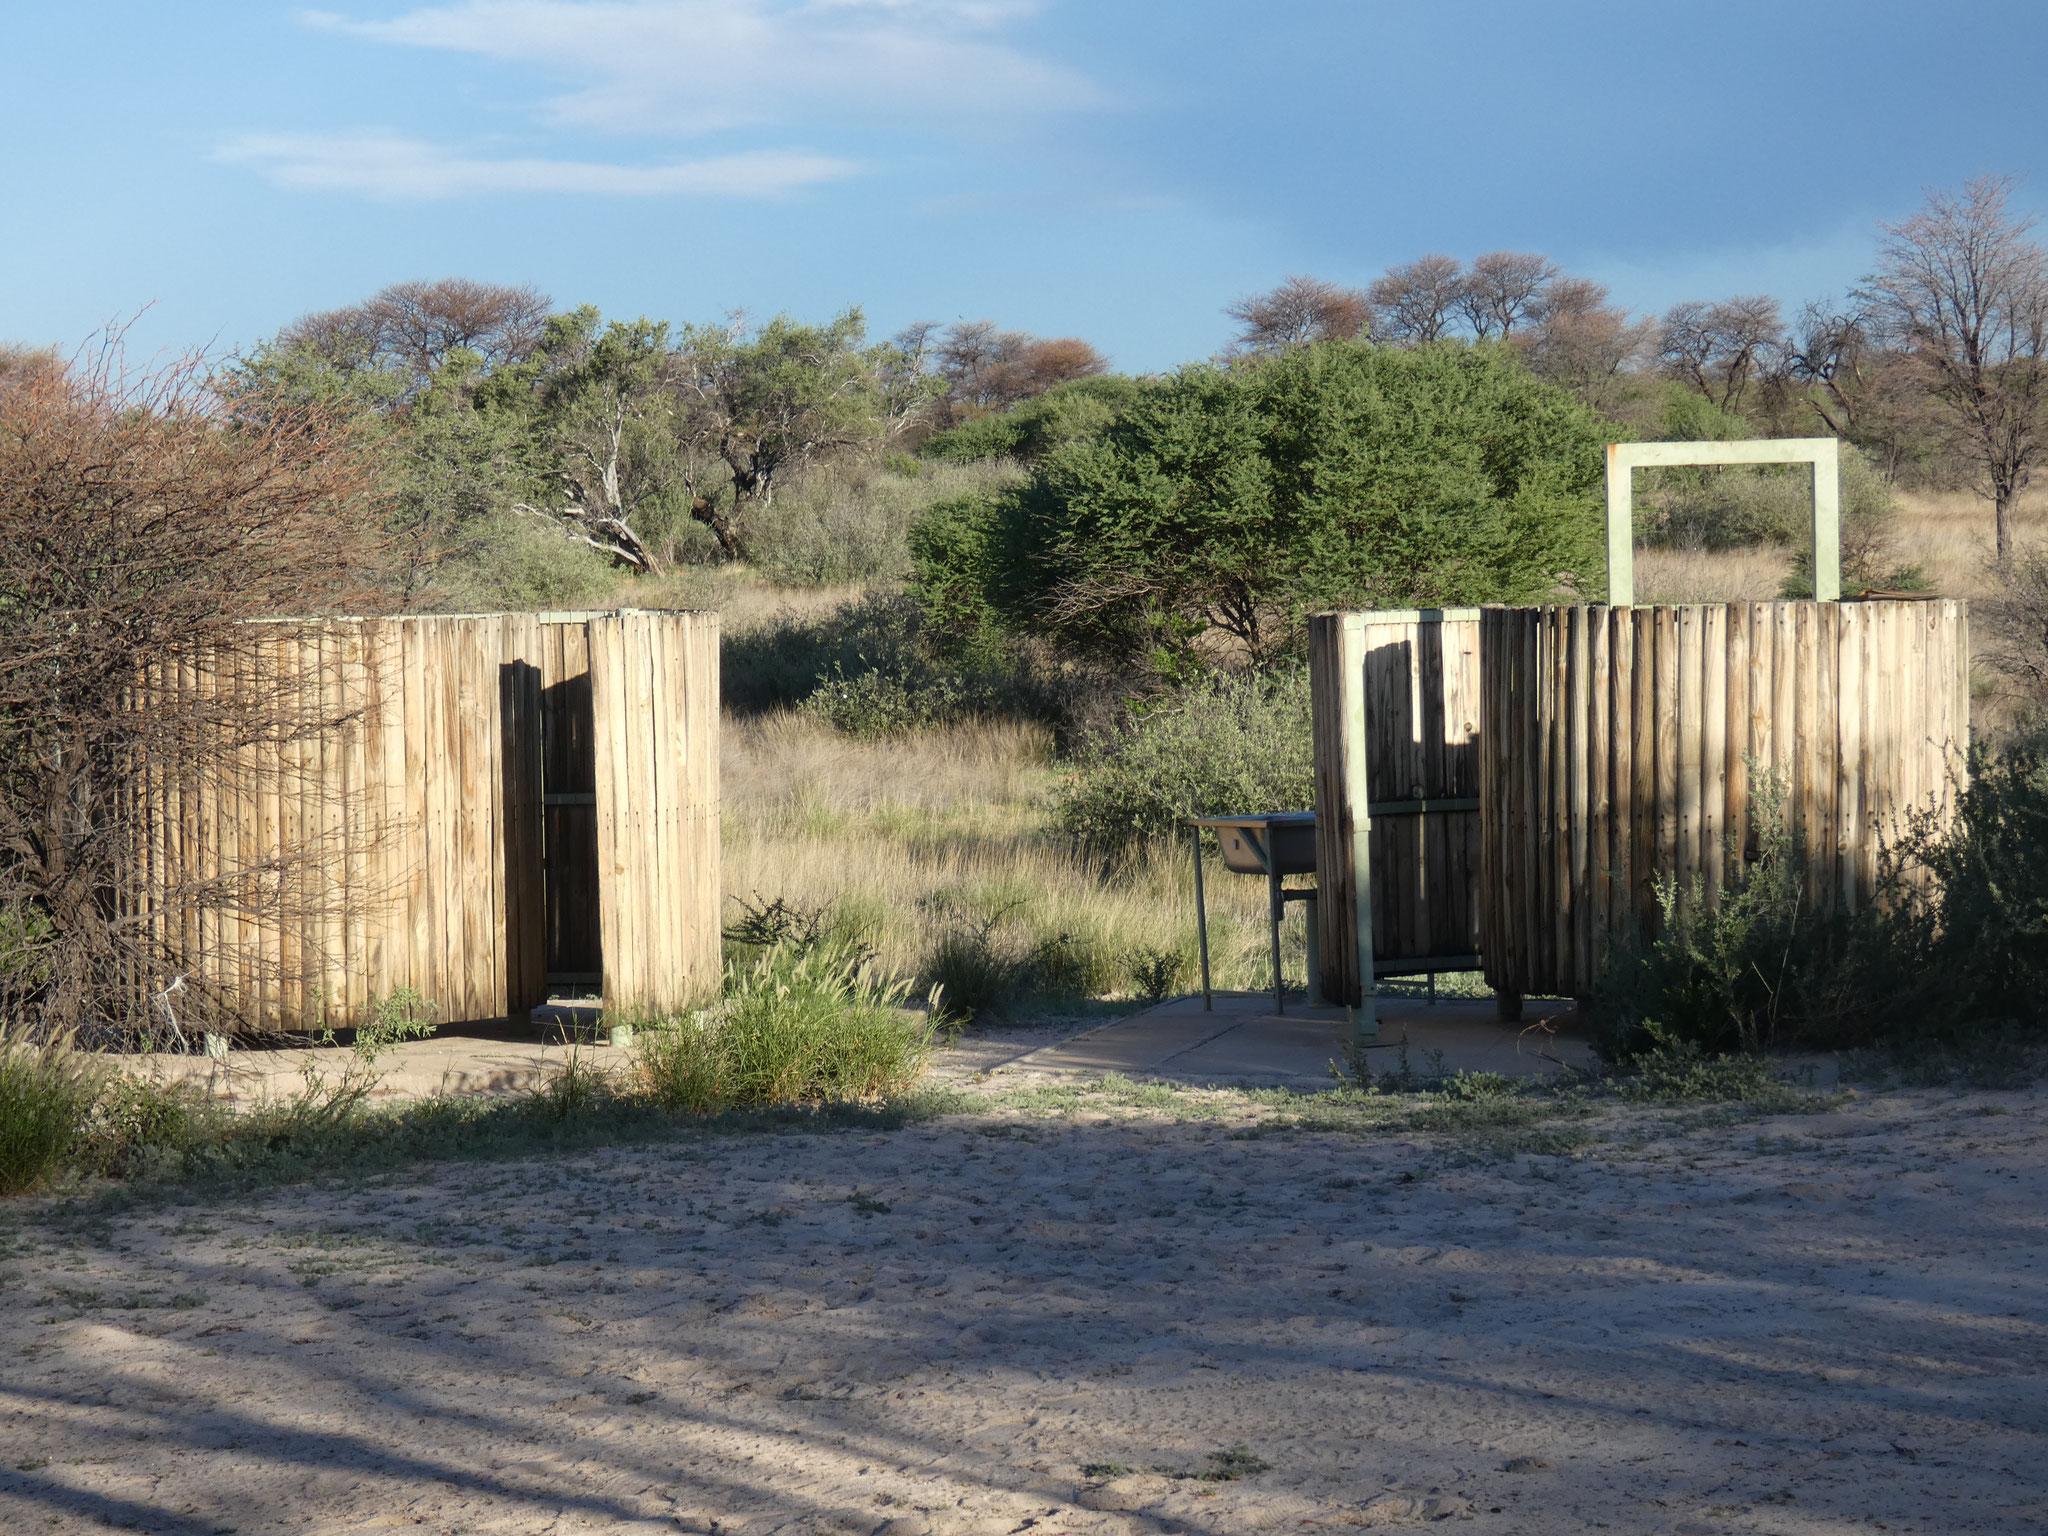 unser Camp mit Dusche und Plumpsklo